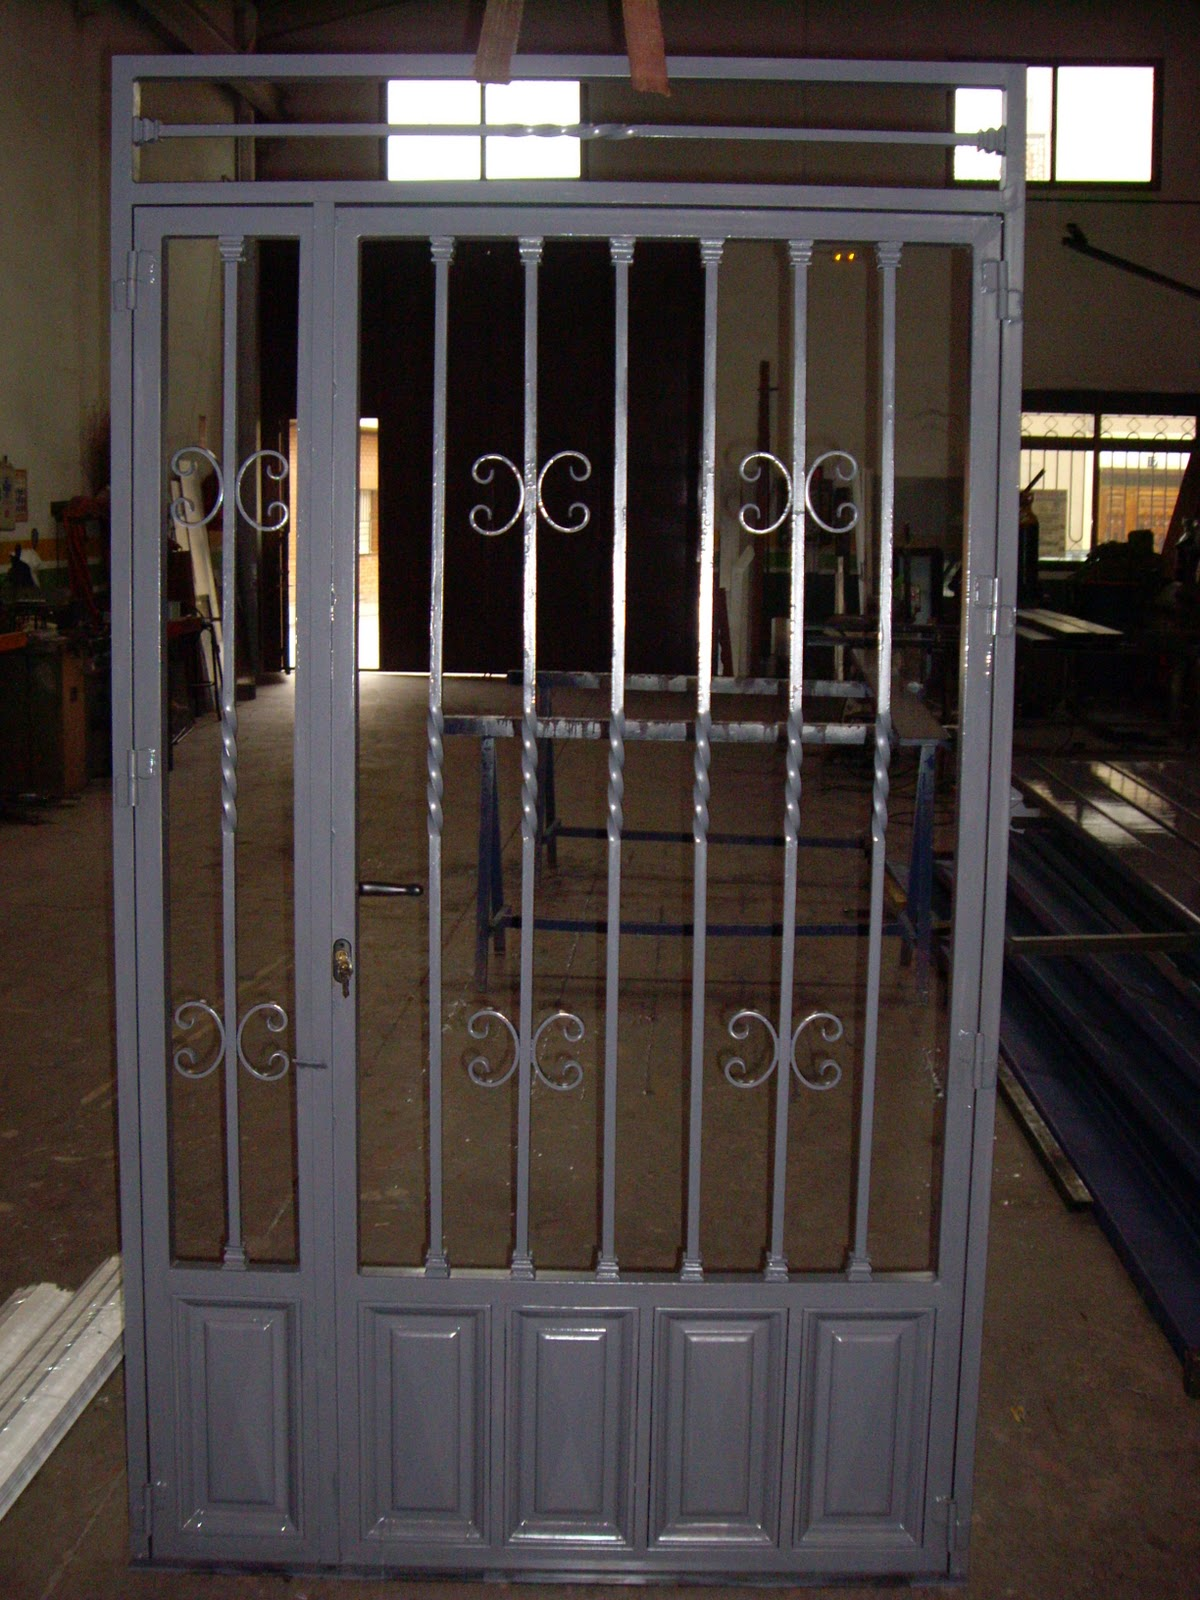 Fotos de puertas metalicas para casas awesome puertas for Imagenes de puertas metalicas